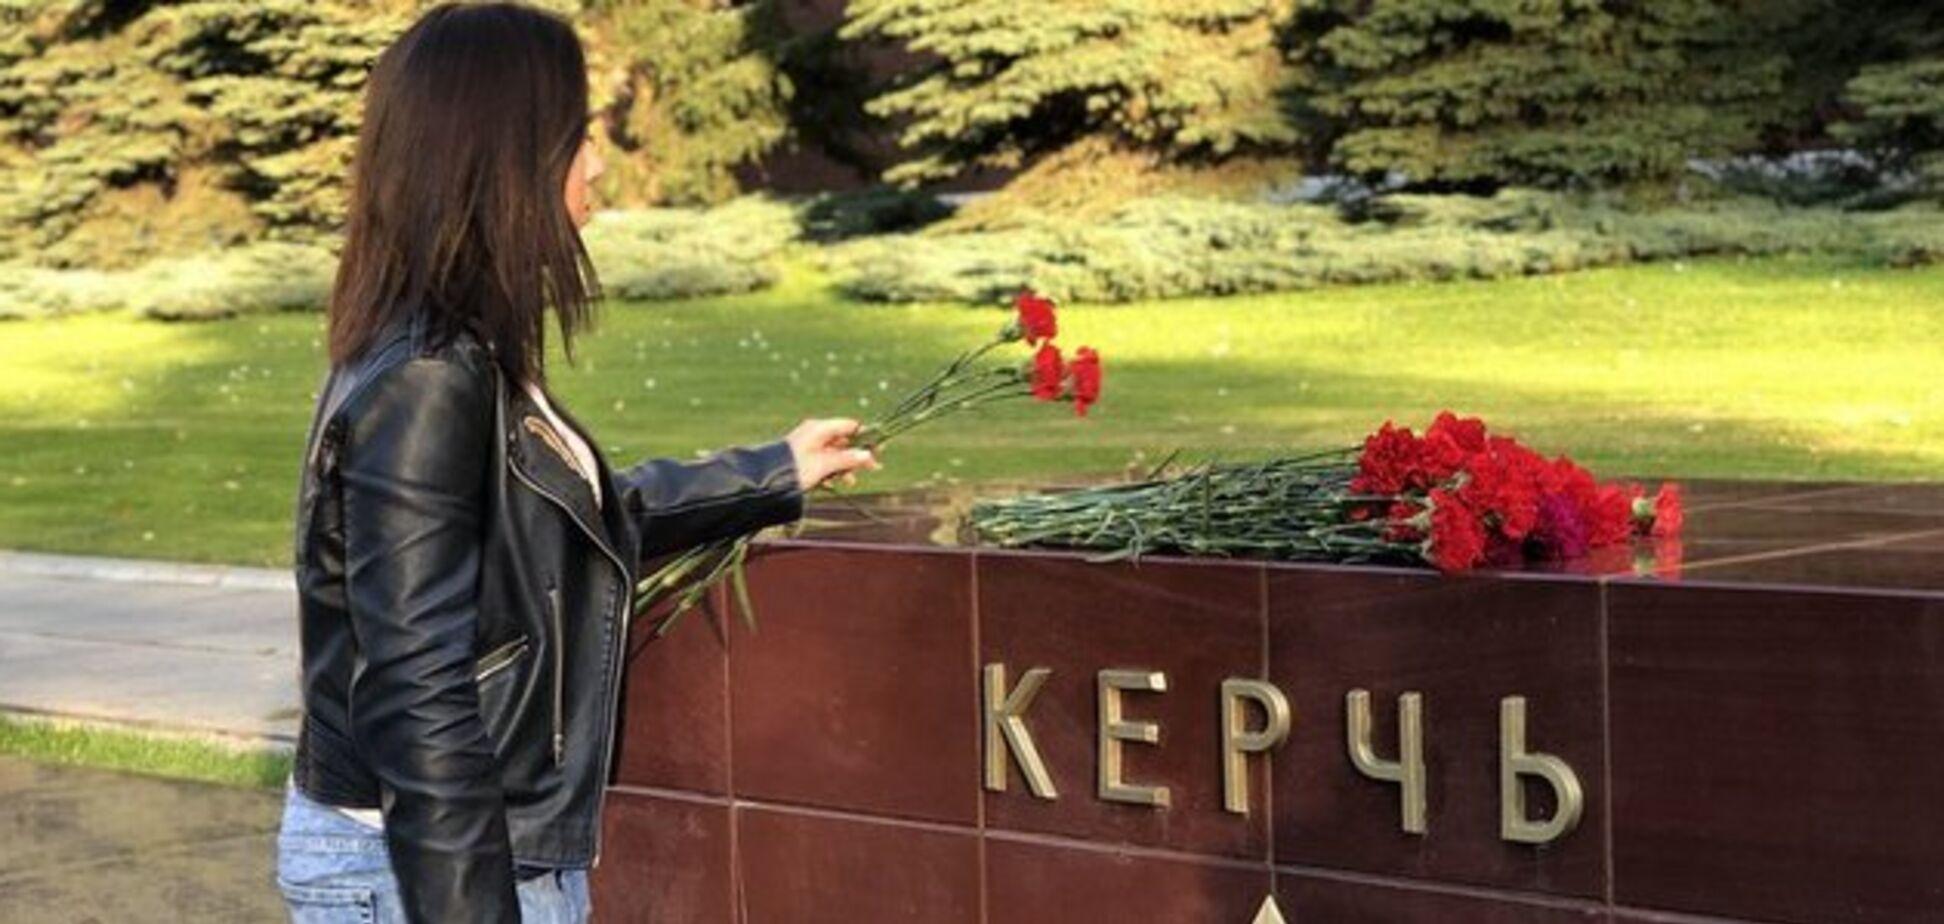 Дострілялися до Керчі: у мережі з'явилося показове фото з Криму